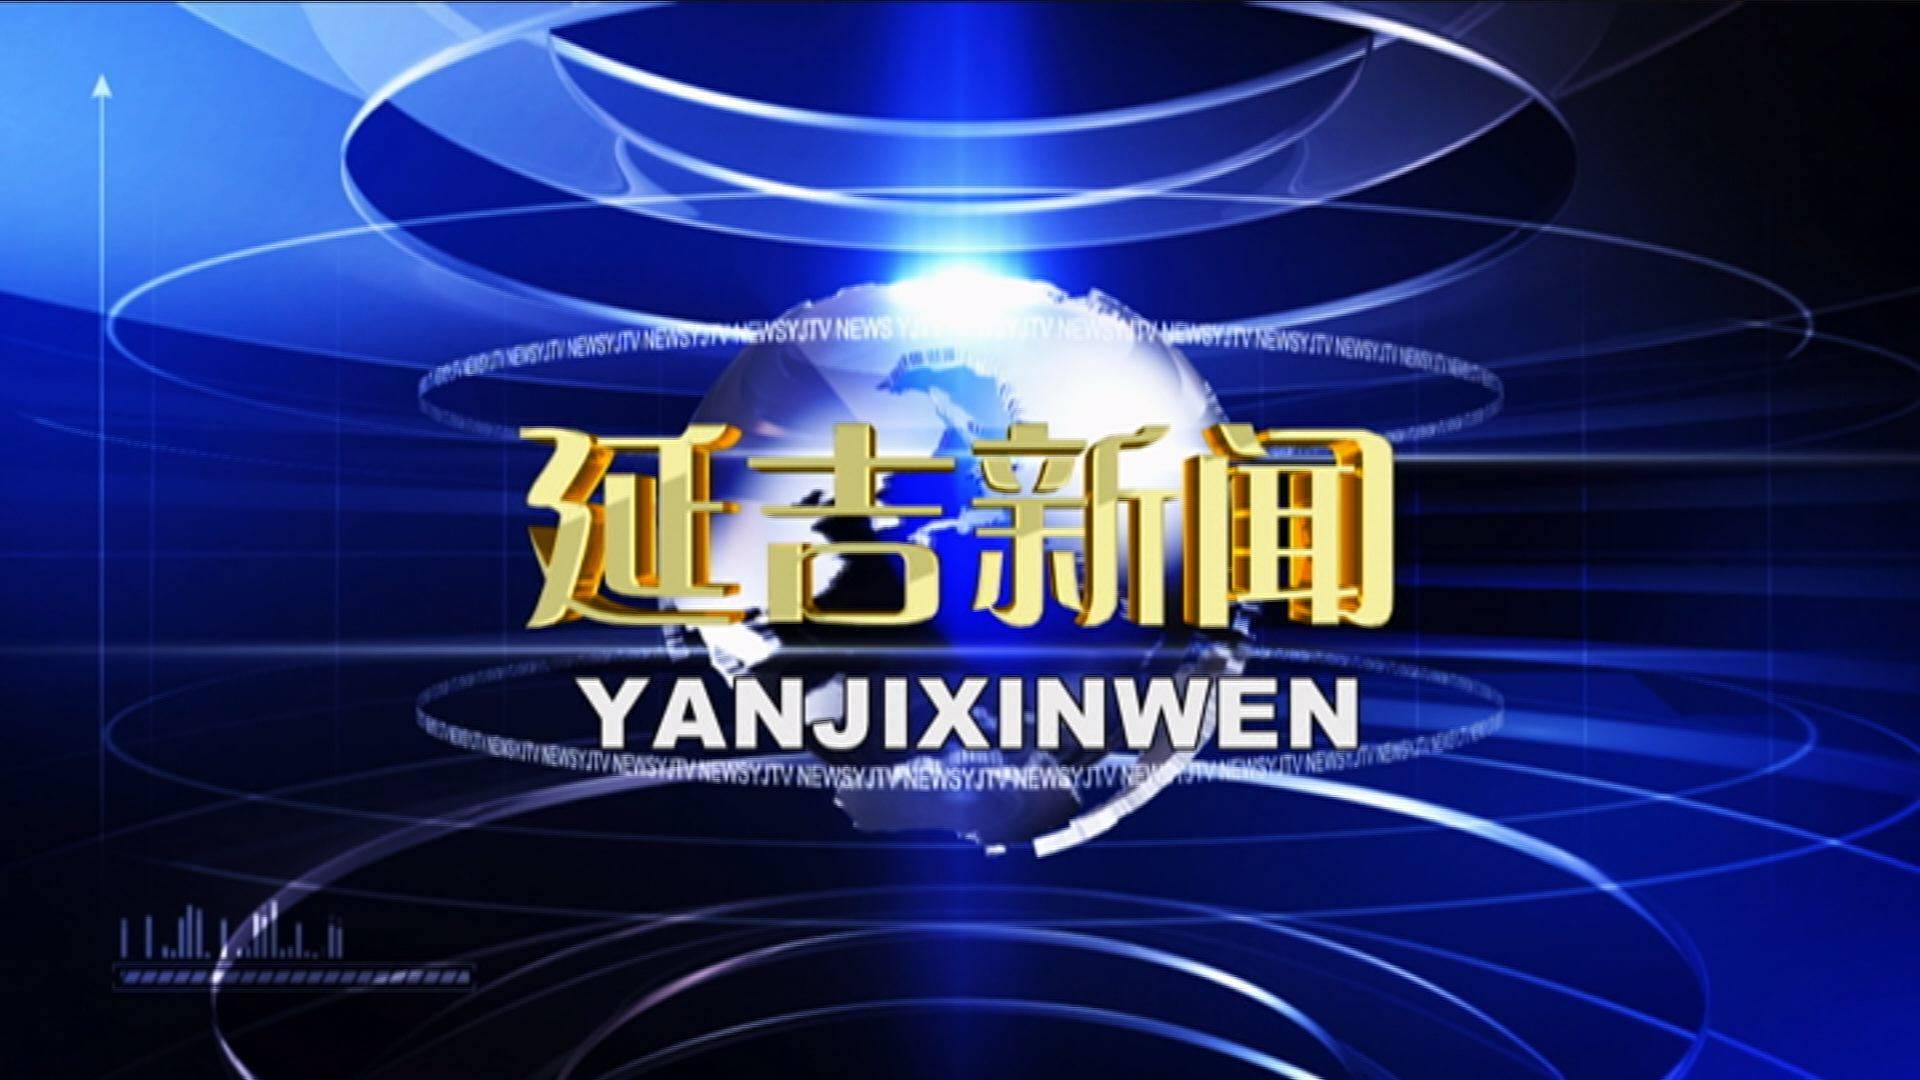 2020. 11. 06 延吉新闻